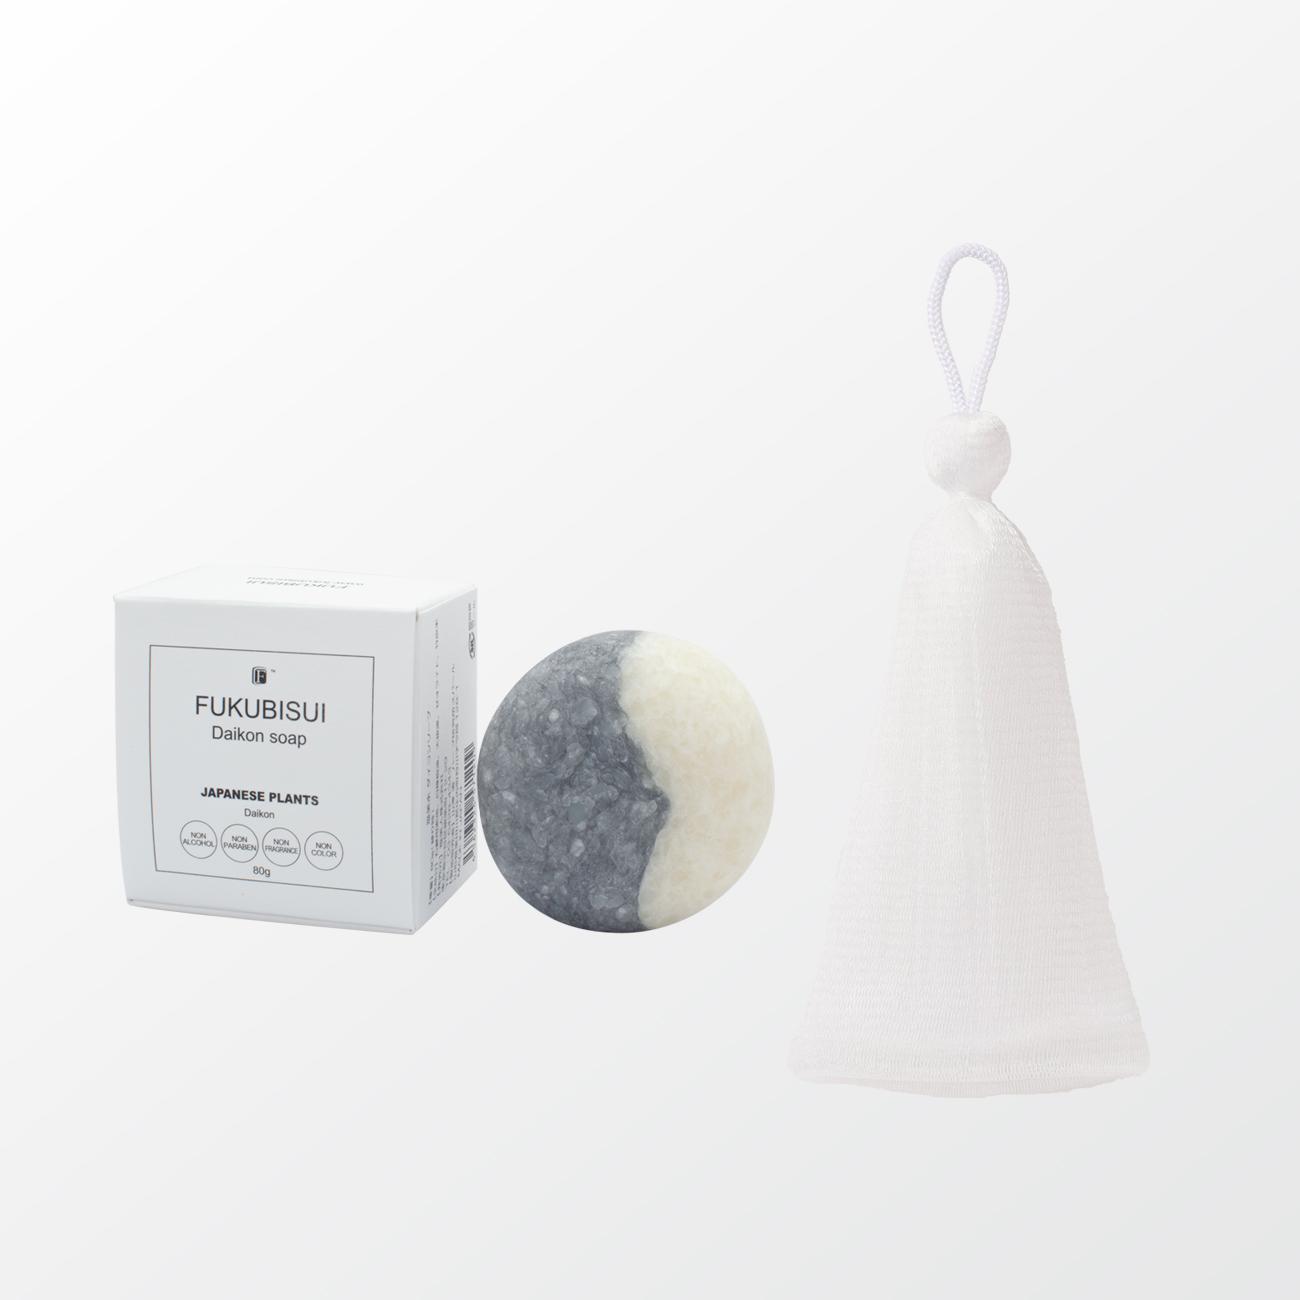 ダイコンソープ + 石鹸用泡立てネット